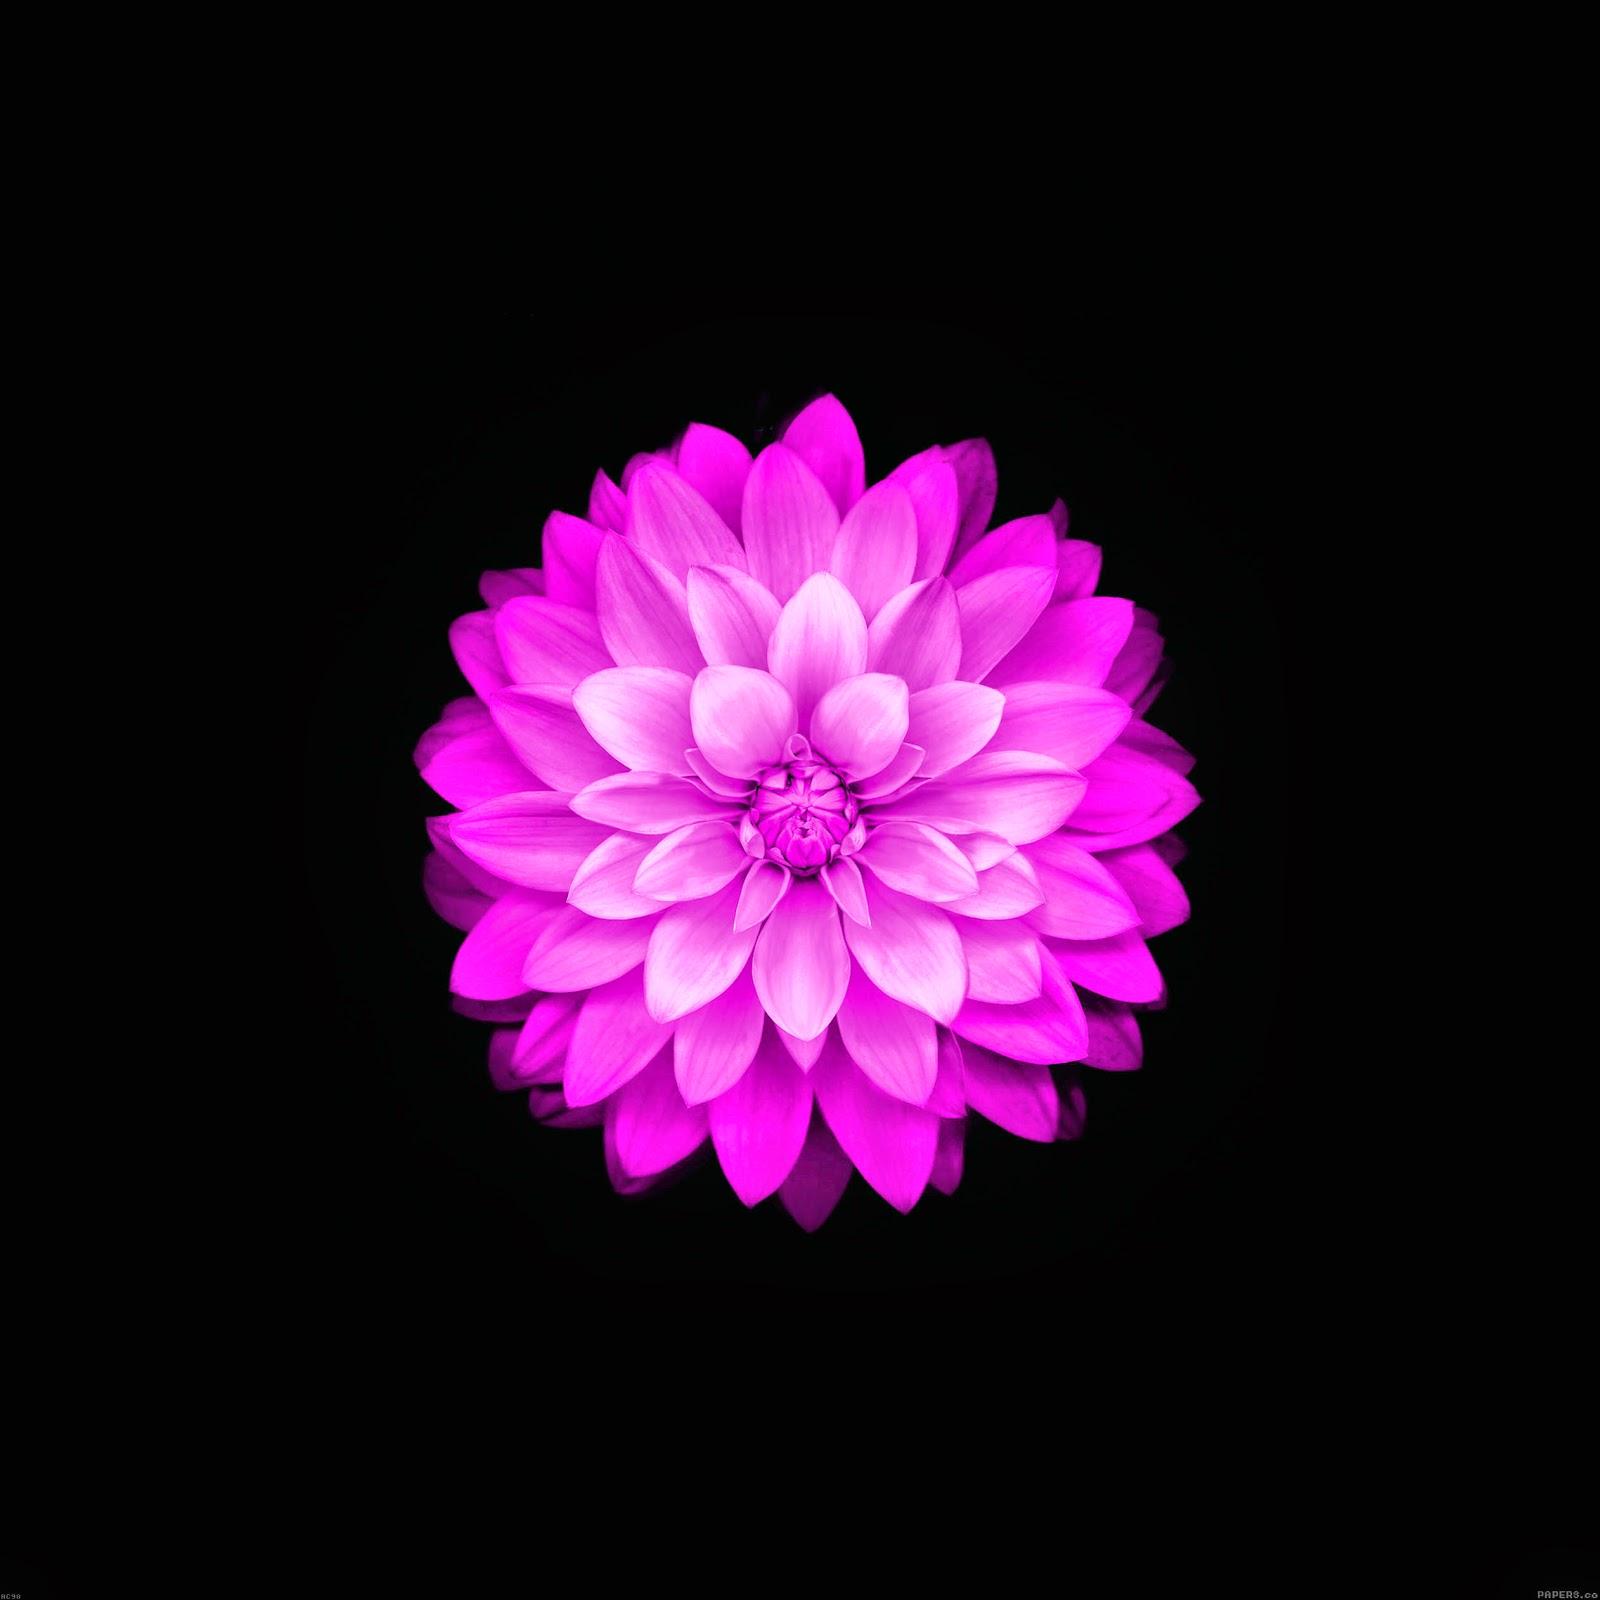 iOS 8 Flower Wallpaper - WallpaperSafari